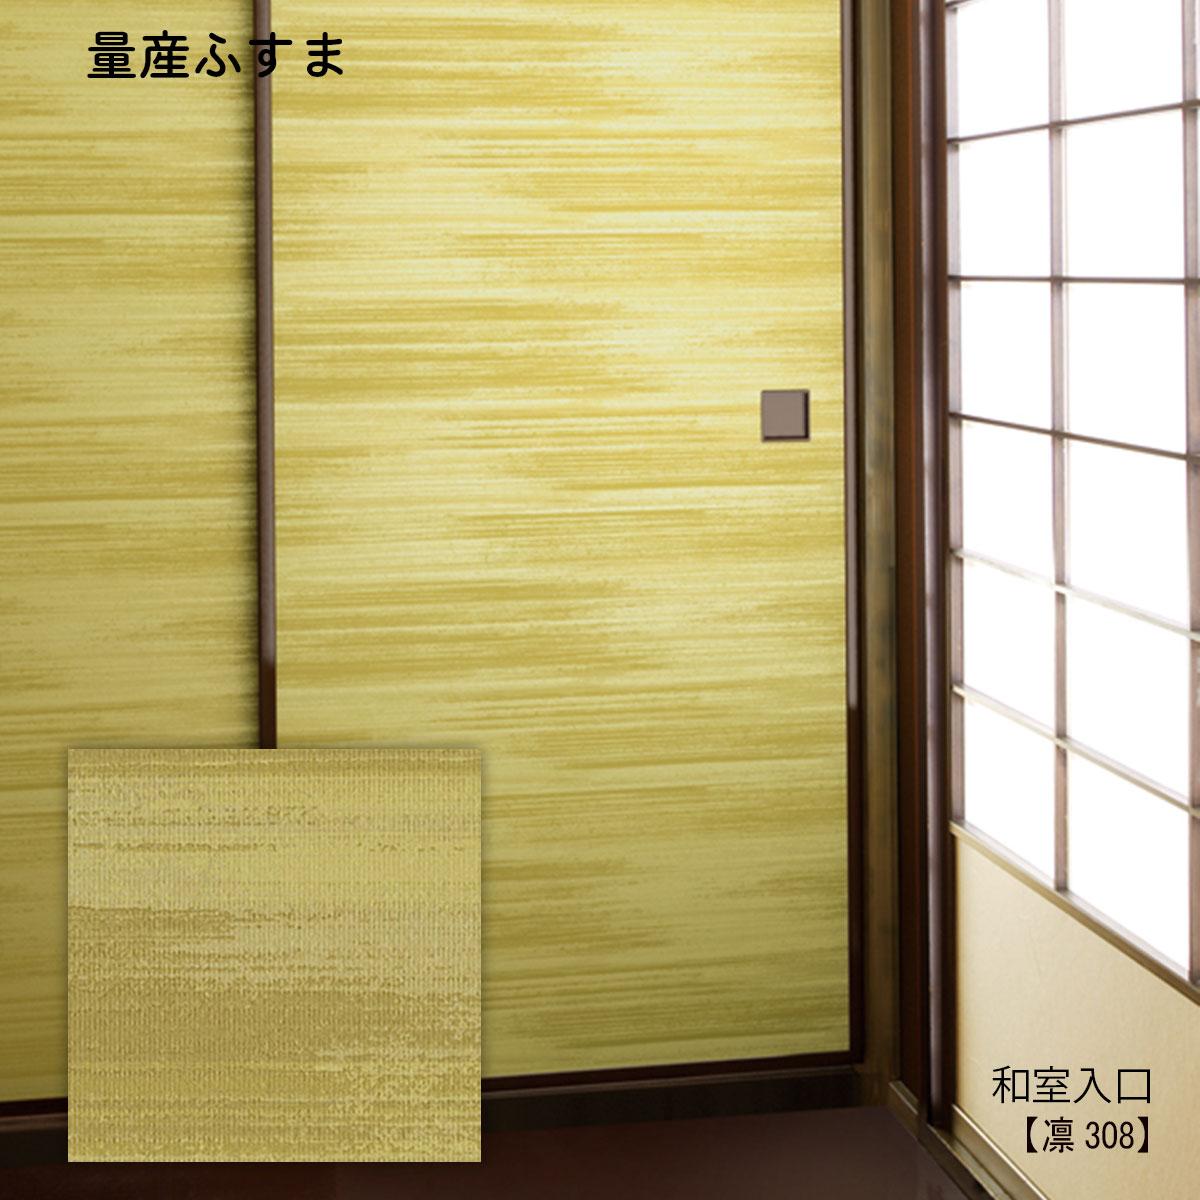 【量産襖】和室入口ふすま【凛308】【L】(仕上H1911~2100mm・W920mm迄)※1枚の価格